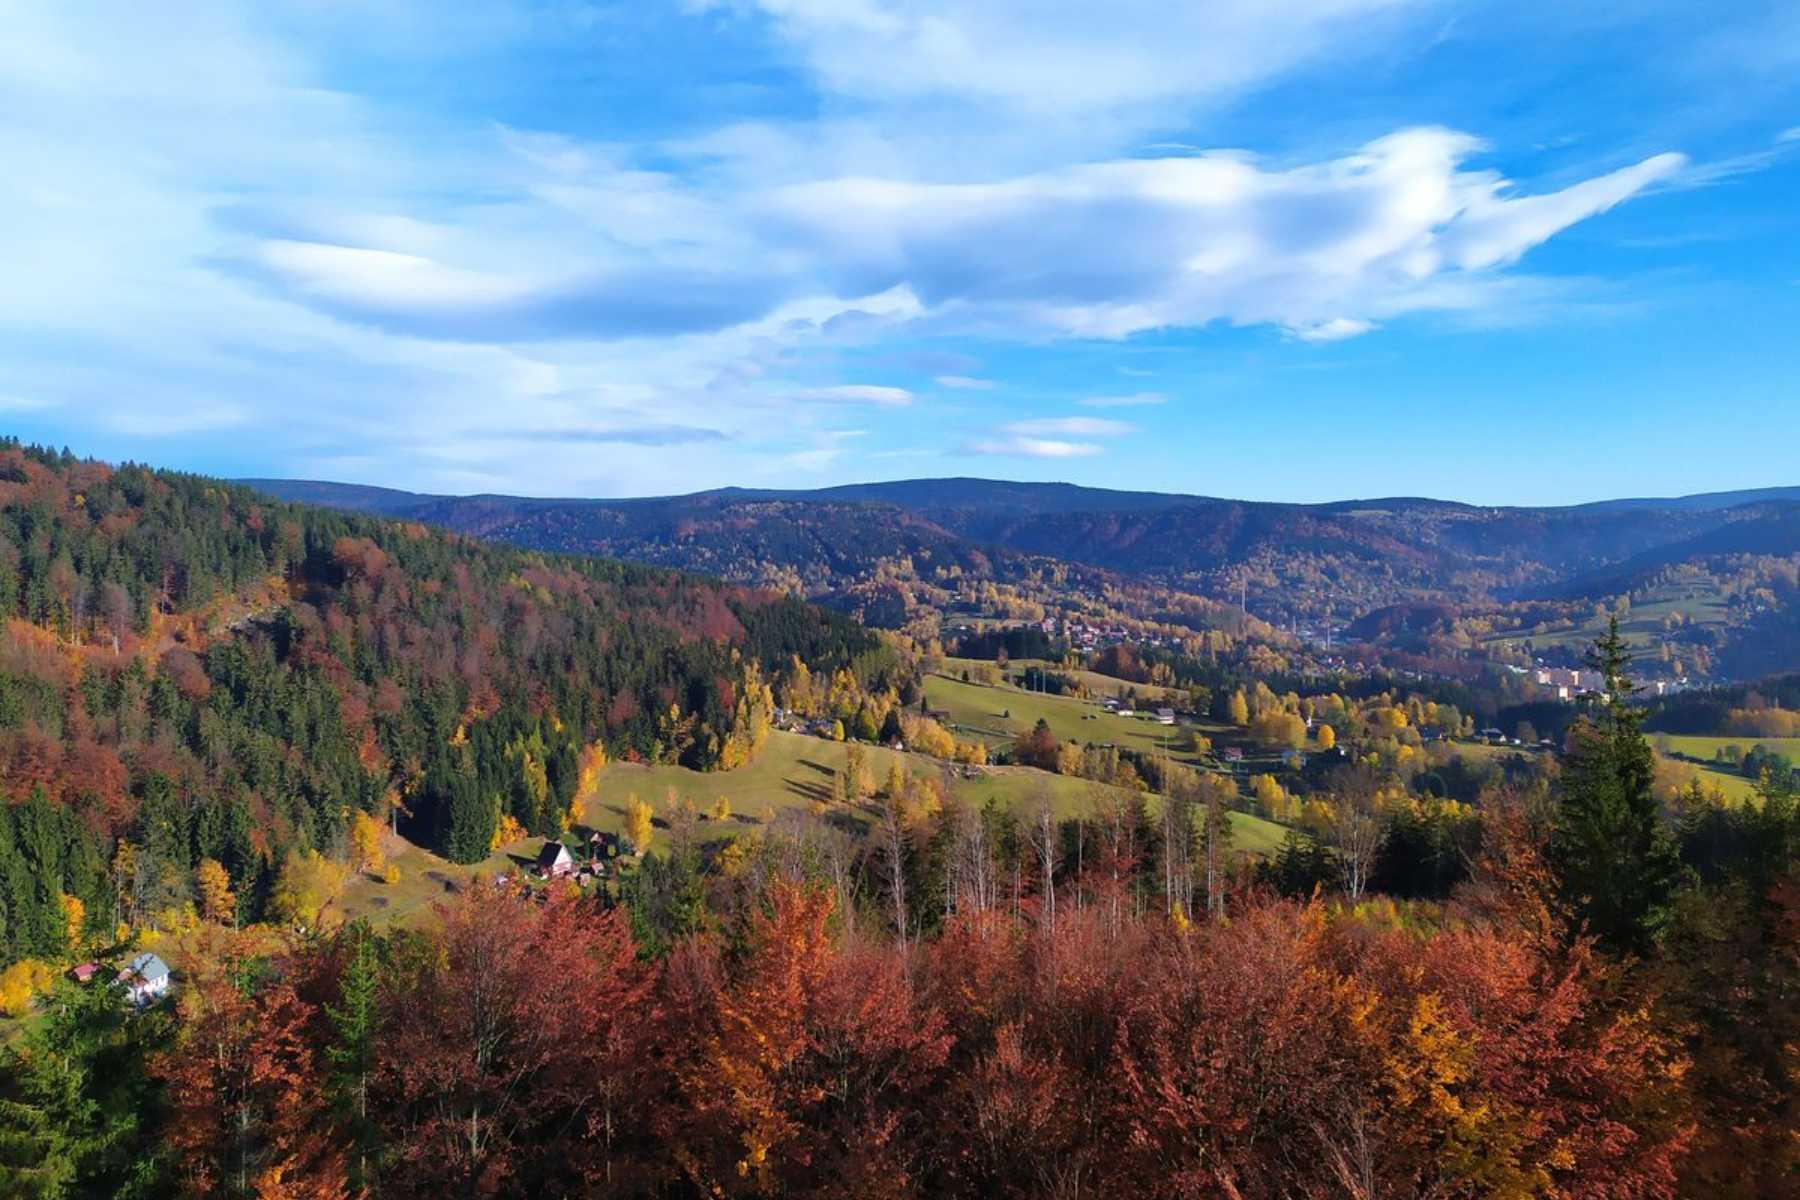 Výhled do krajiny Jizerských hor z rozhledny Špička na vrcholové skále Malého Špičáku.